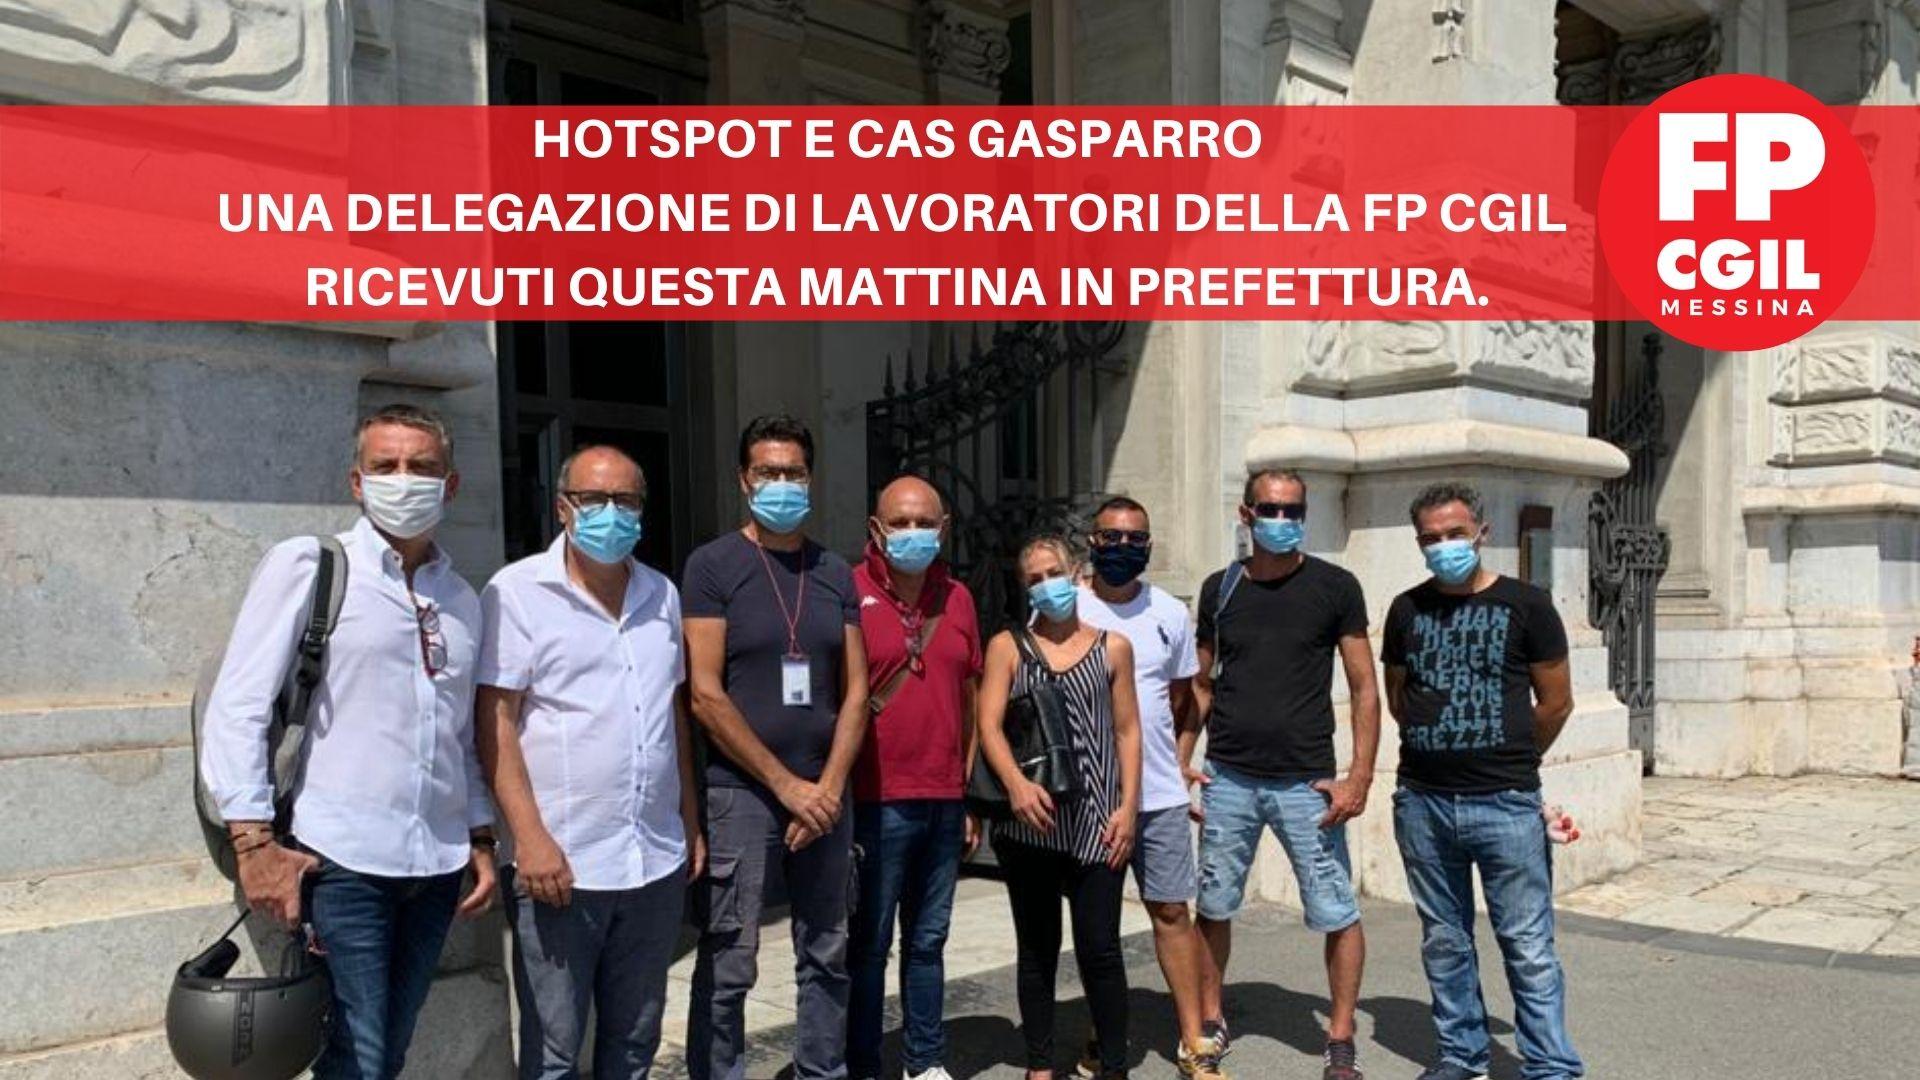 Hotspot e CAS Gasparro, una delegazione di lavoratori della FP CGIL ricevuti questa mattina in Prefettura.